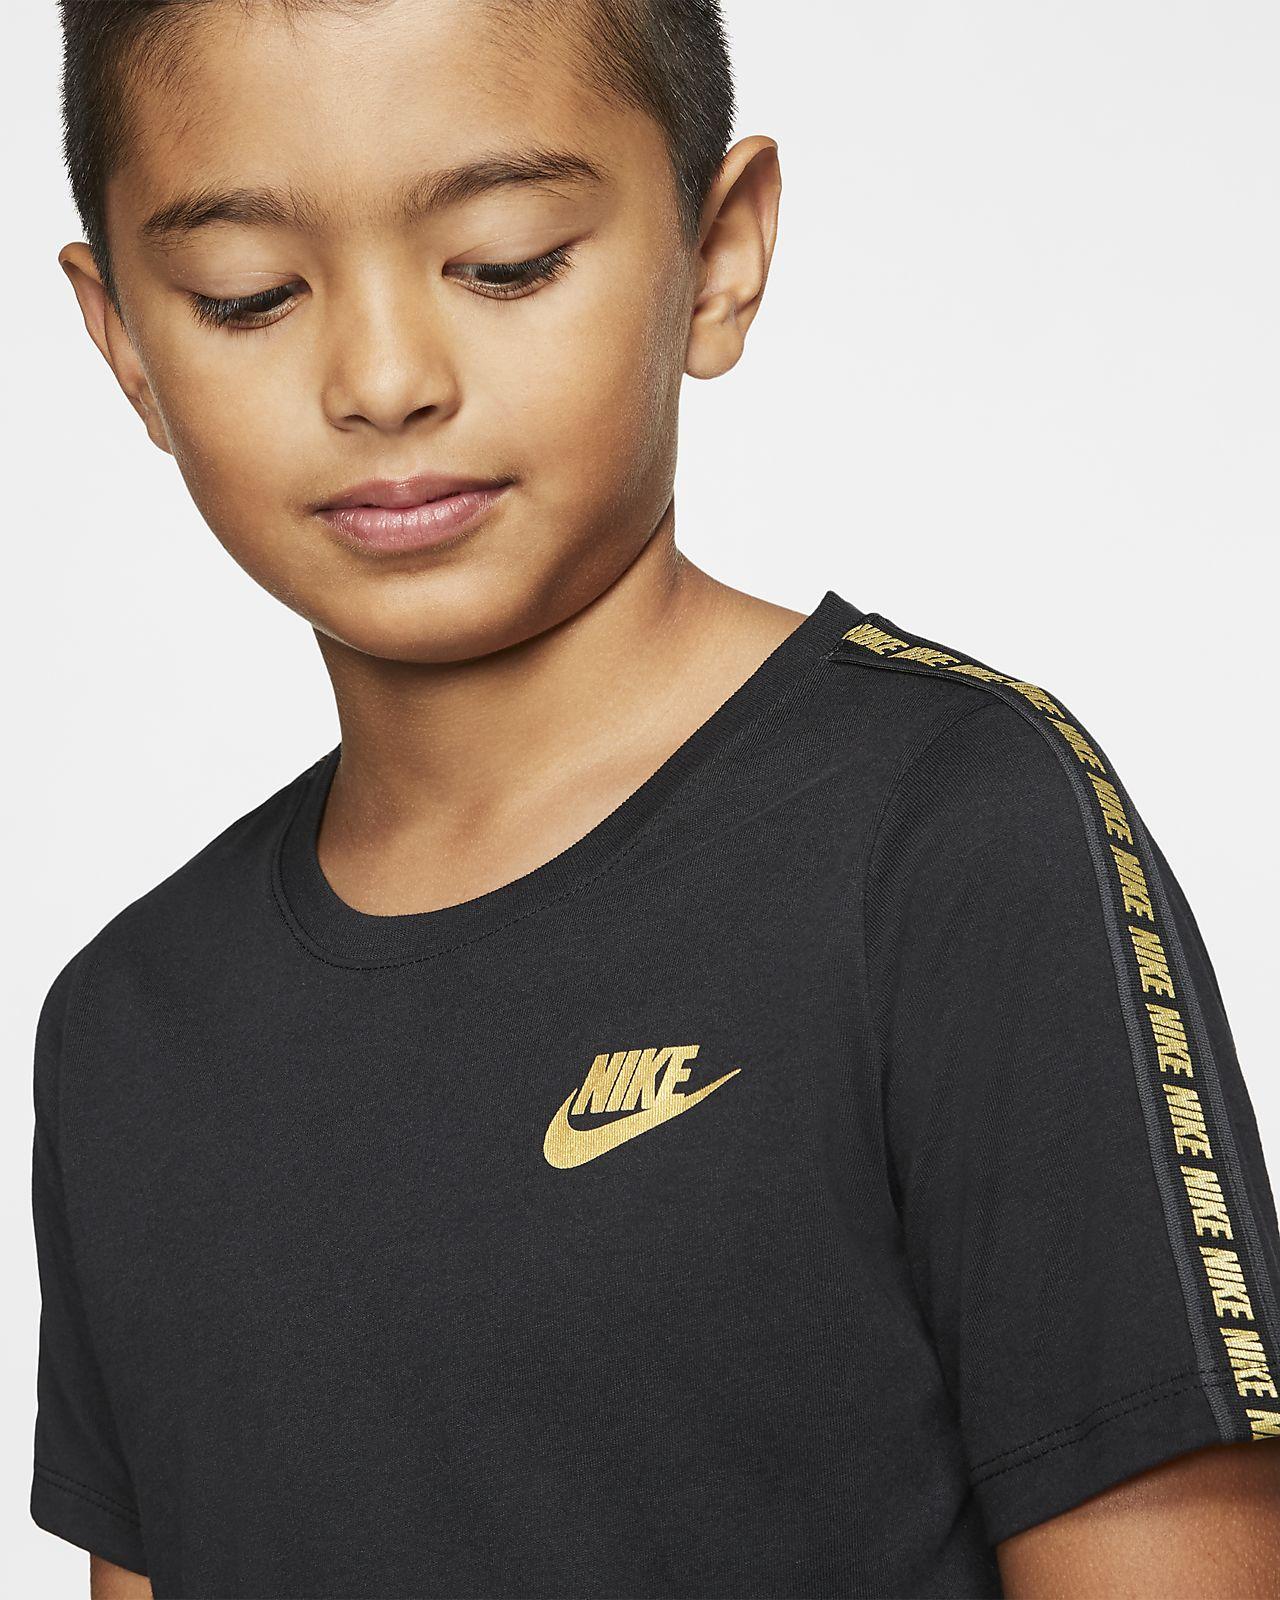 Niñoa Sportswear Sportswear Nike Camiseta Camiseta Niñoa Nike XuOwPkZTi